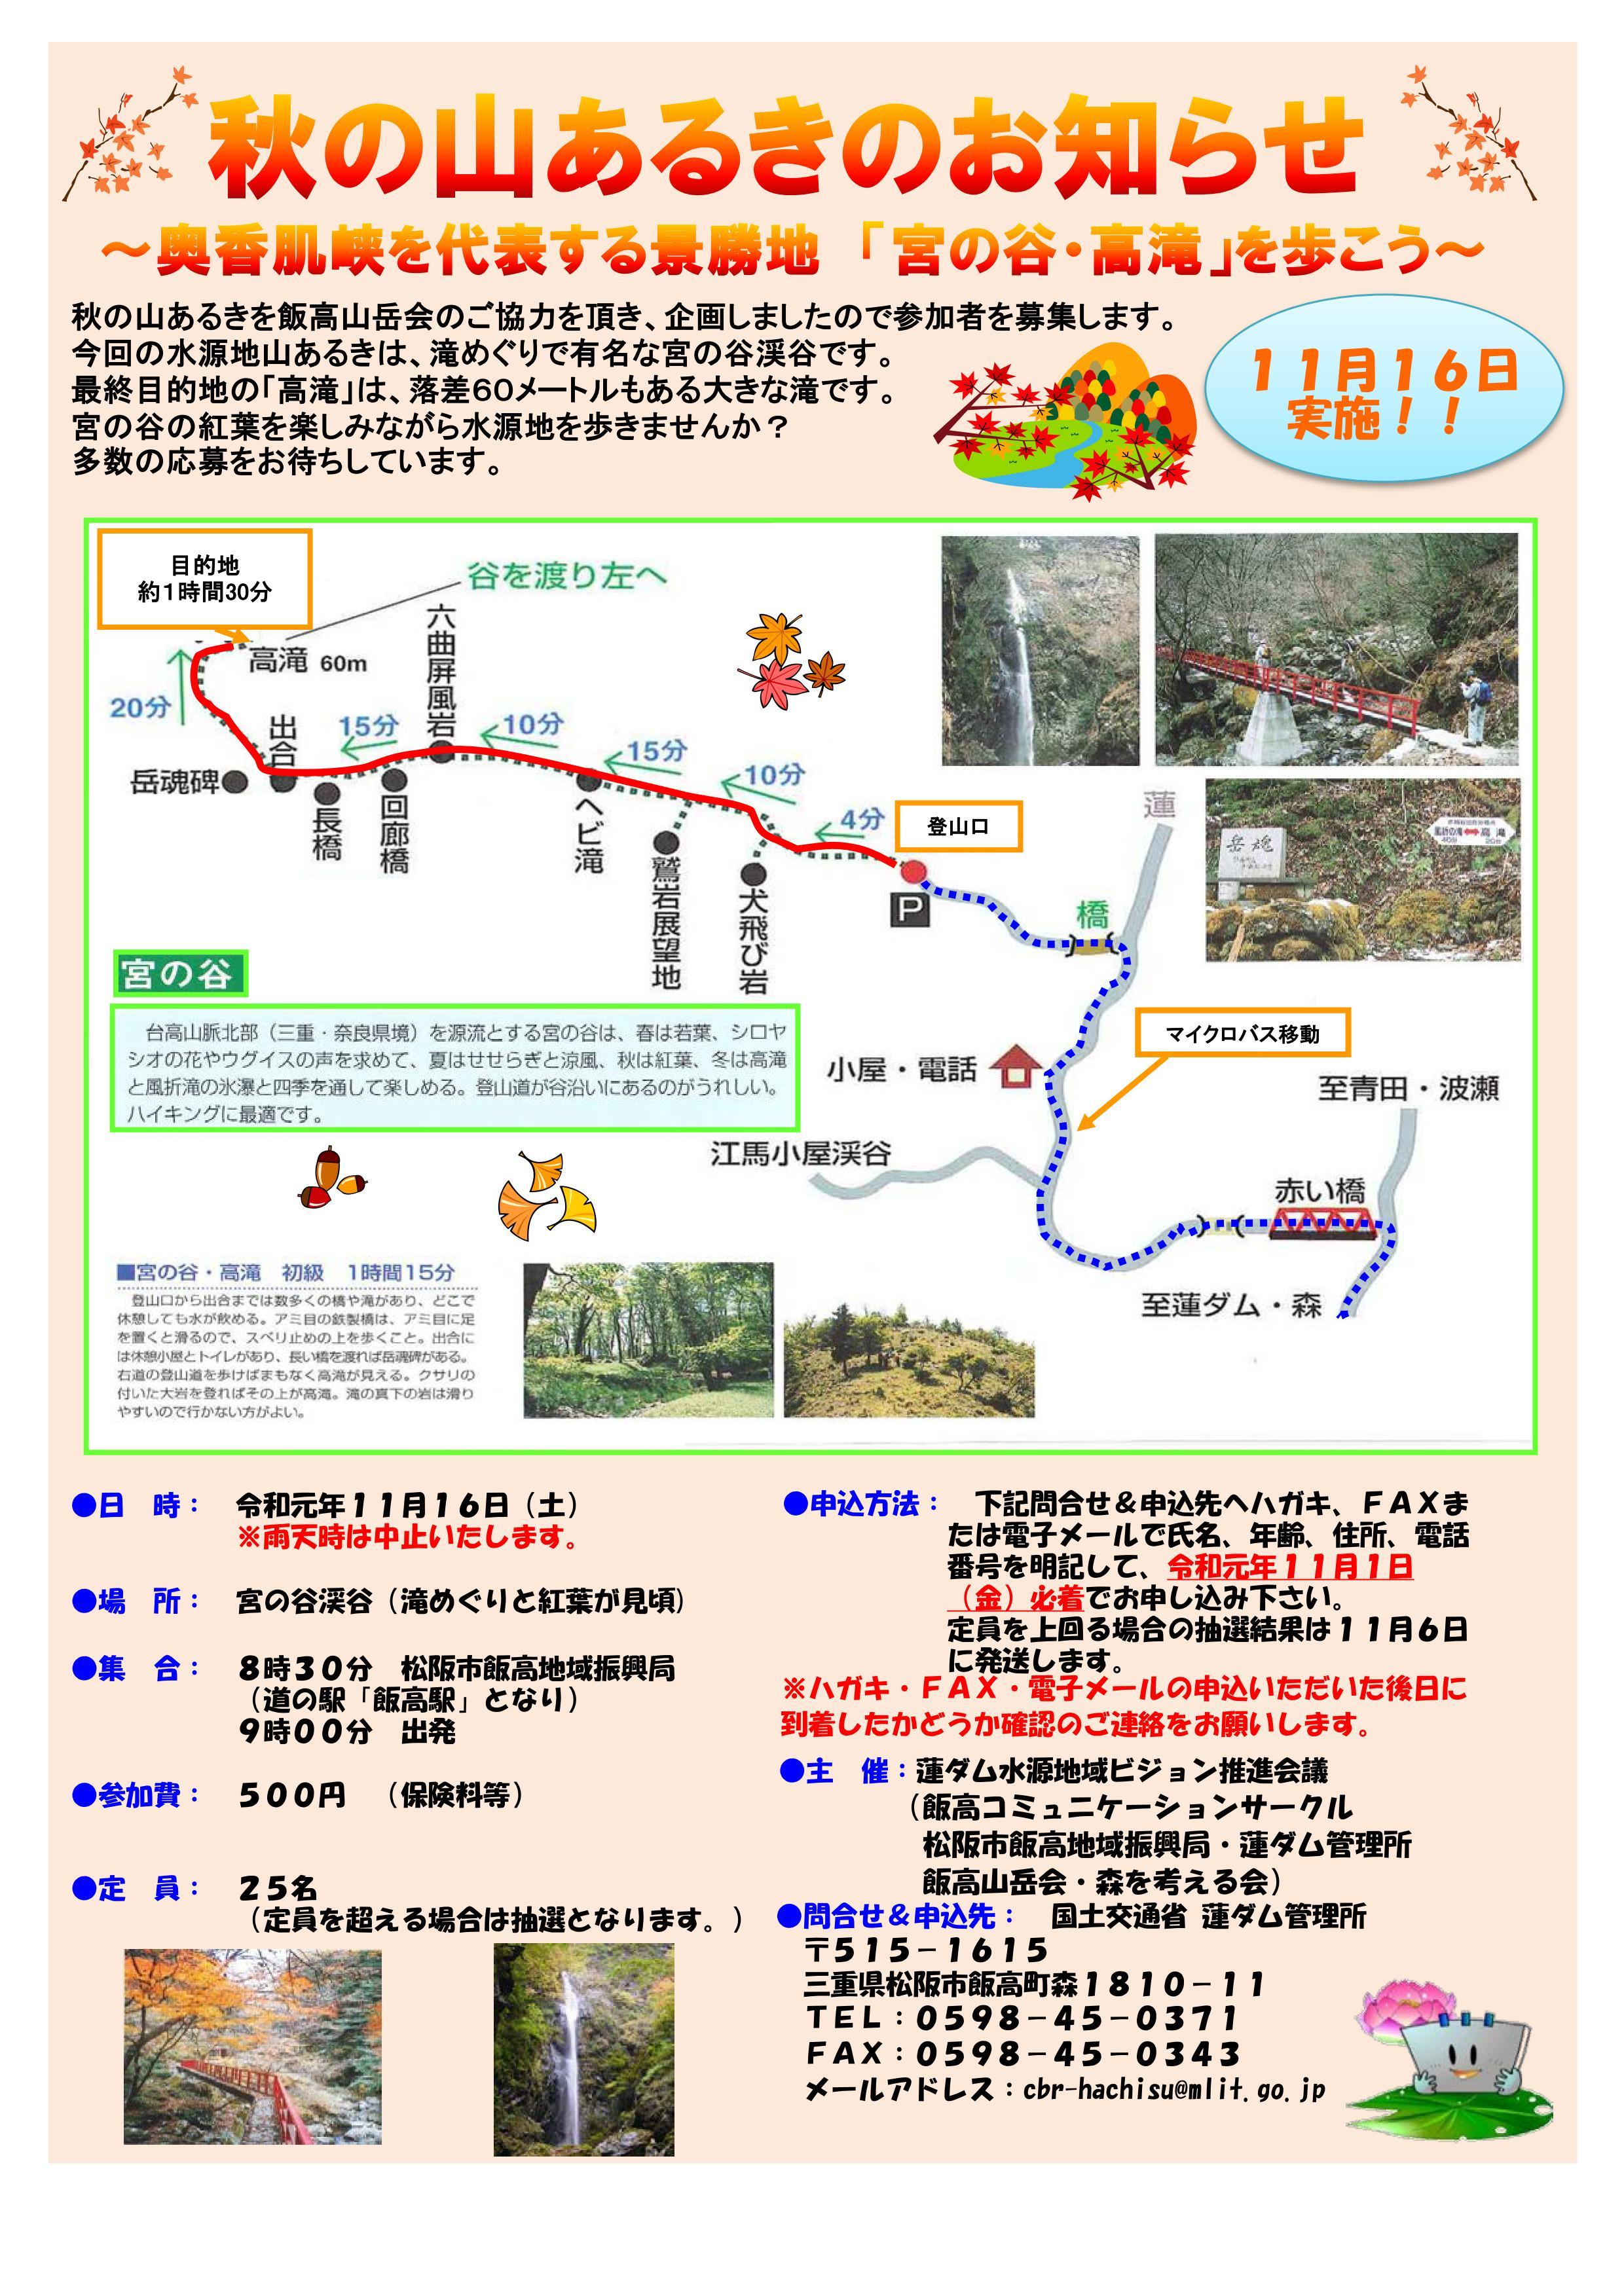 2019年11月16日(土)秋の山あるき「宮の滝・高滝」を歩こう~参加者募集!